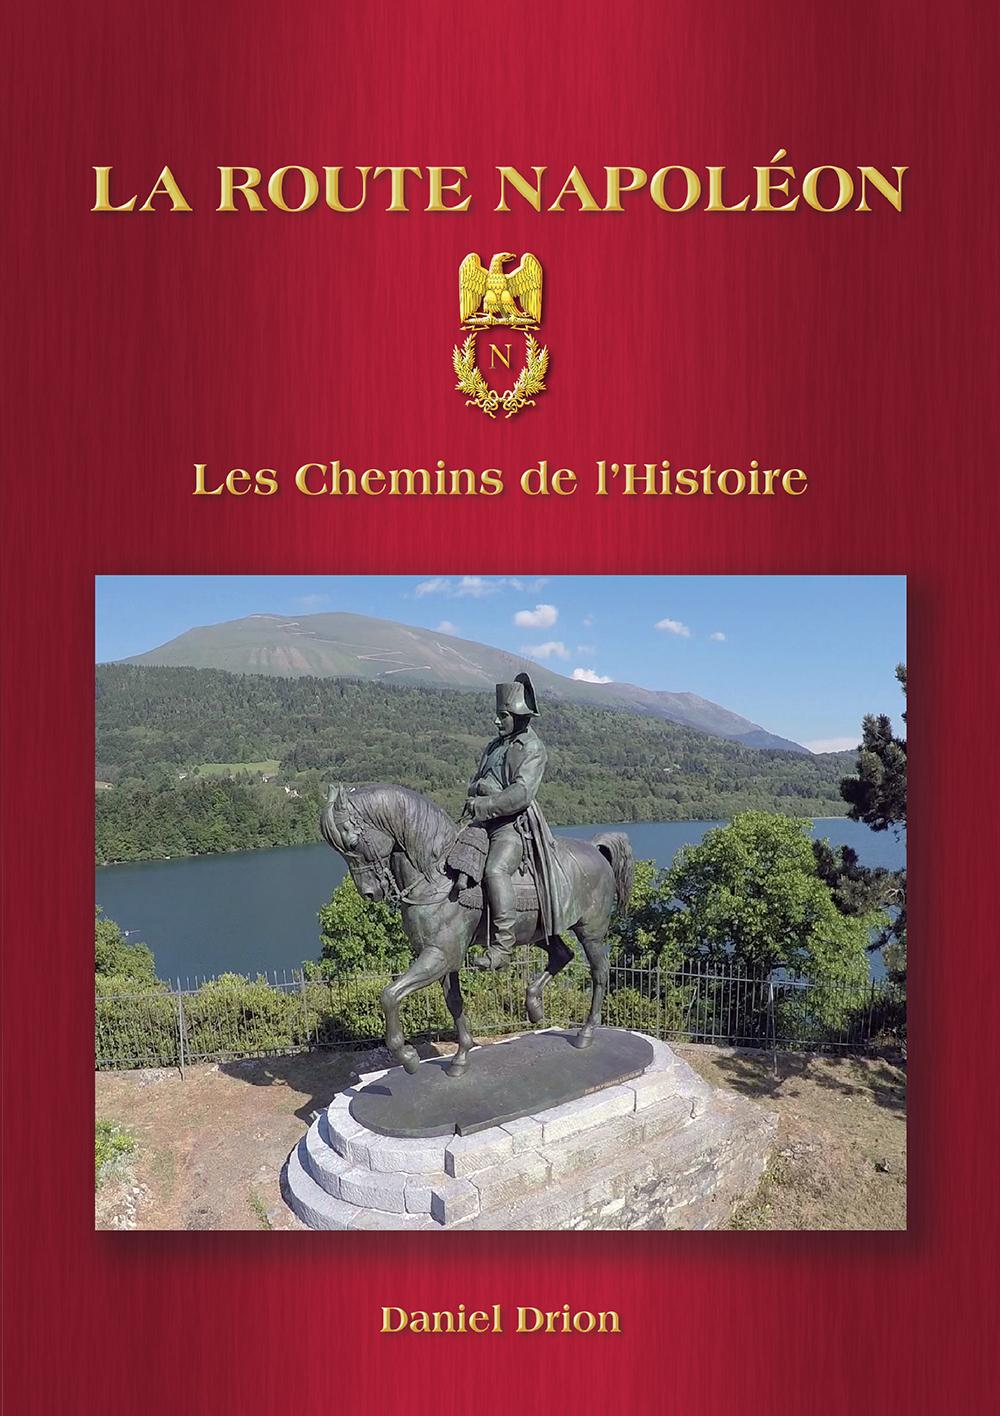 livre La Route Napoléon